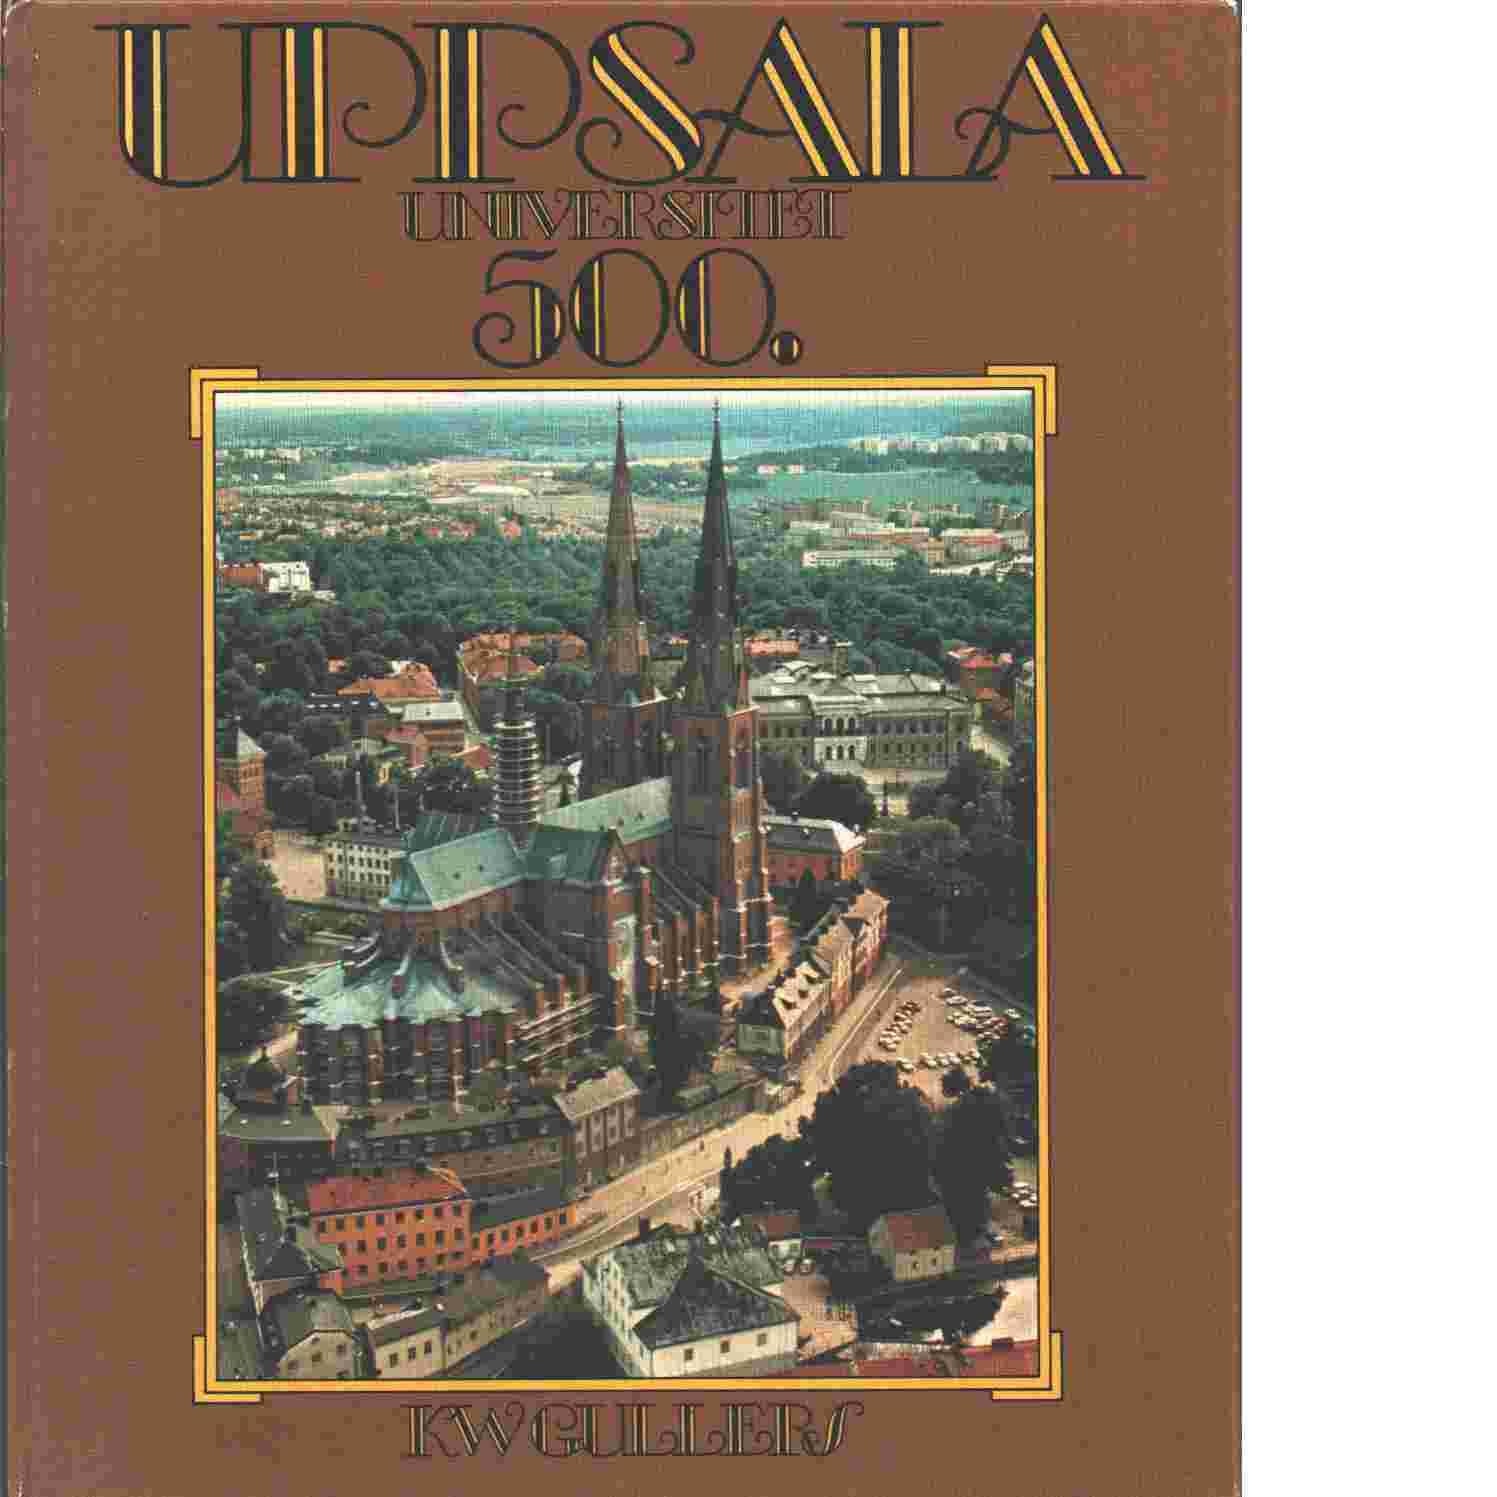 Uppsala universitet 500 - Gullers, K. W